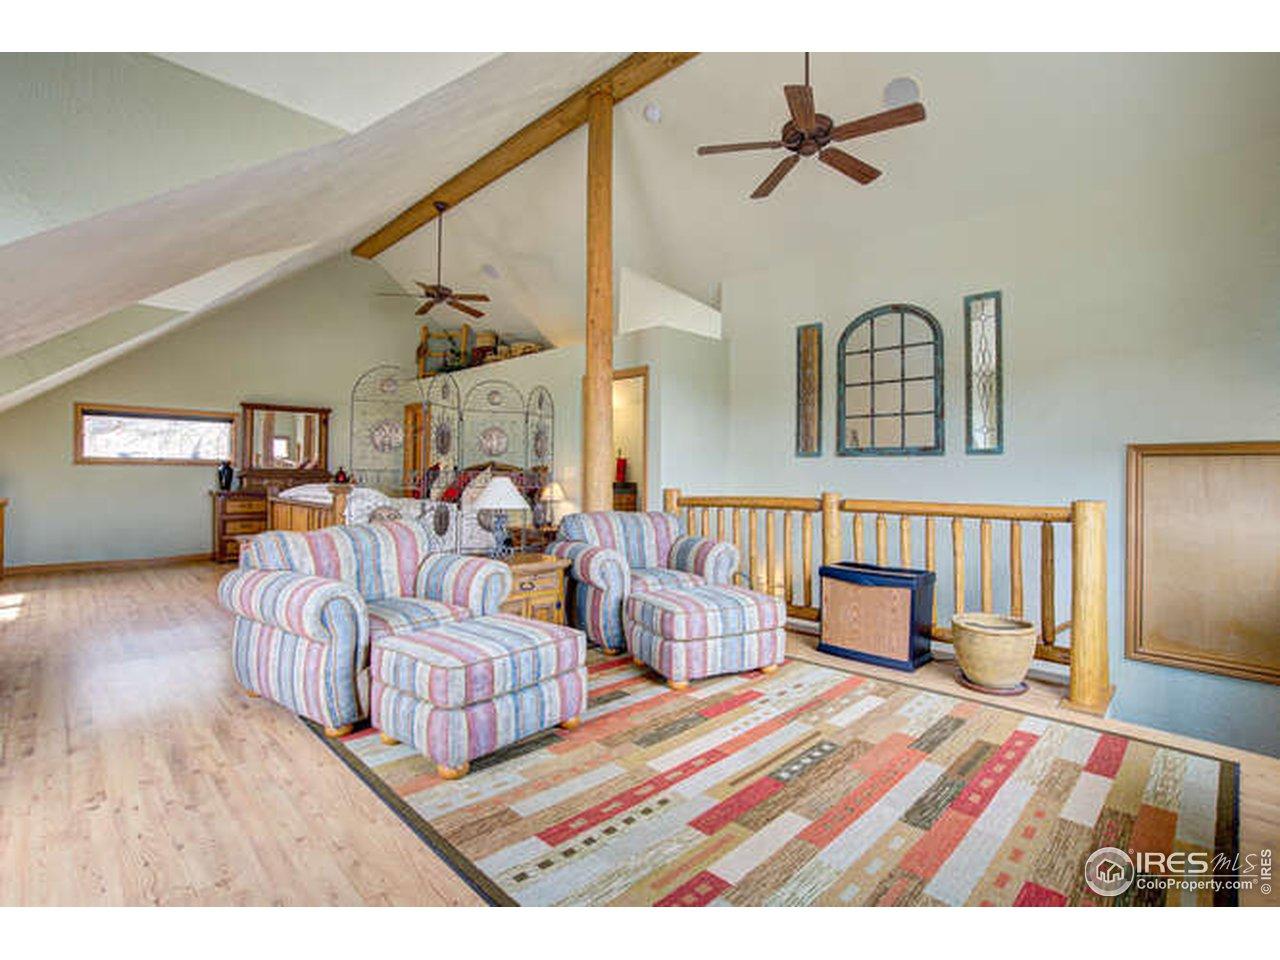 Cozy Living Room - Original Home is on Main Floor